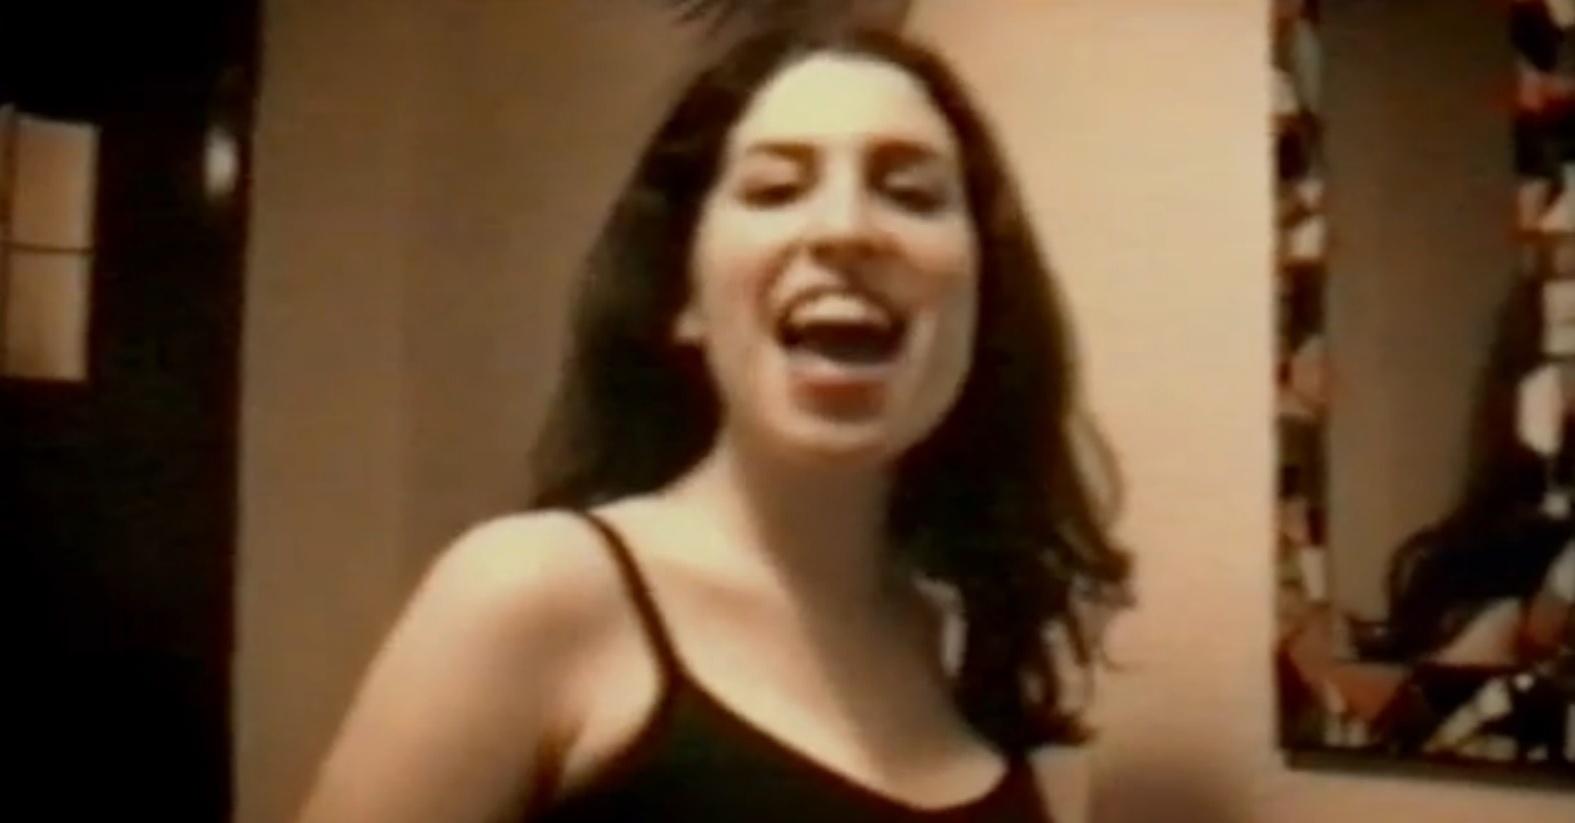 Reprodução de um vídeo caseiro com Amy Winehouse aos 14 anos cantando